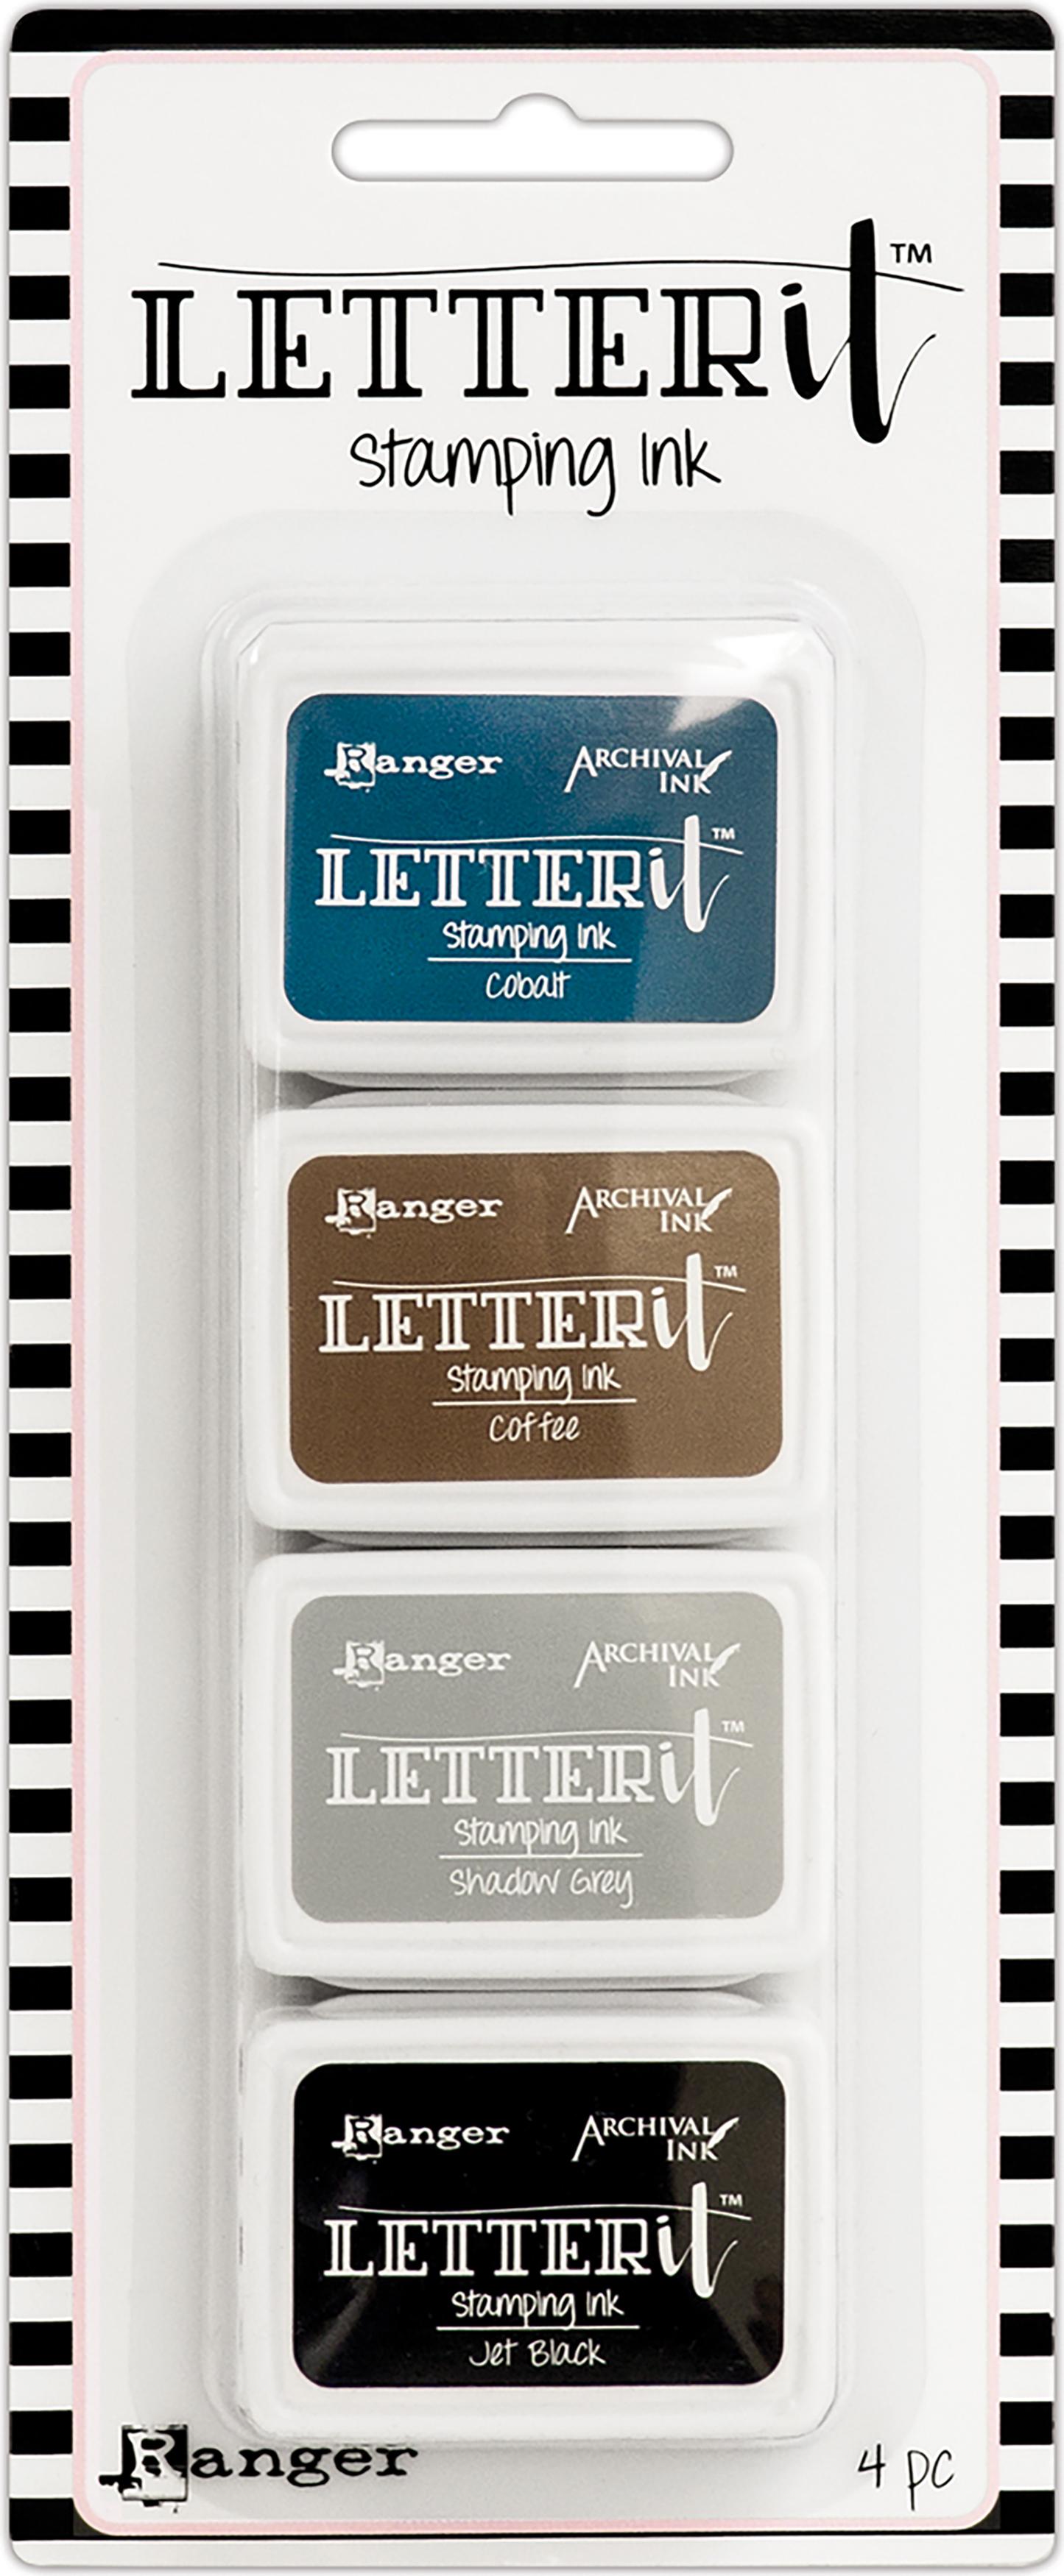 Ranger Letter It Stamping Ink Set - #1